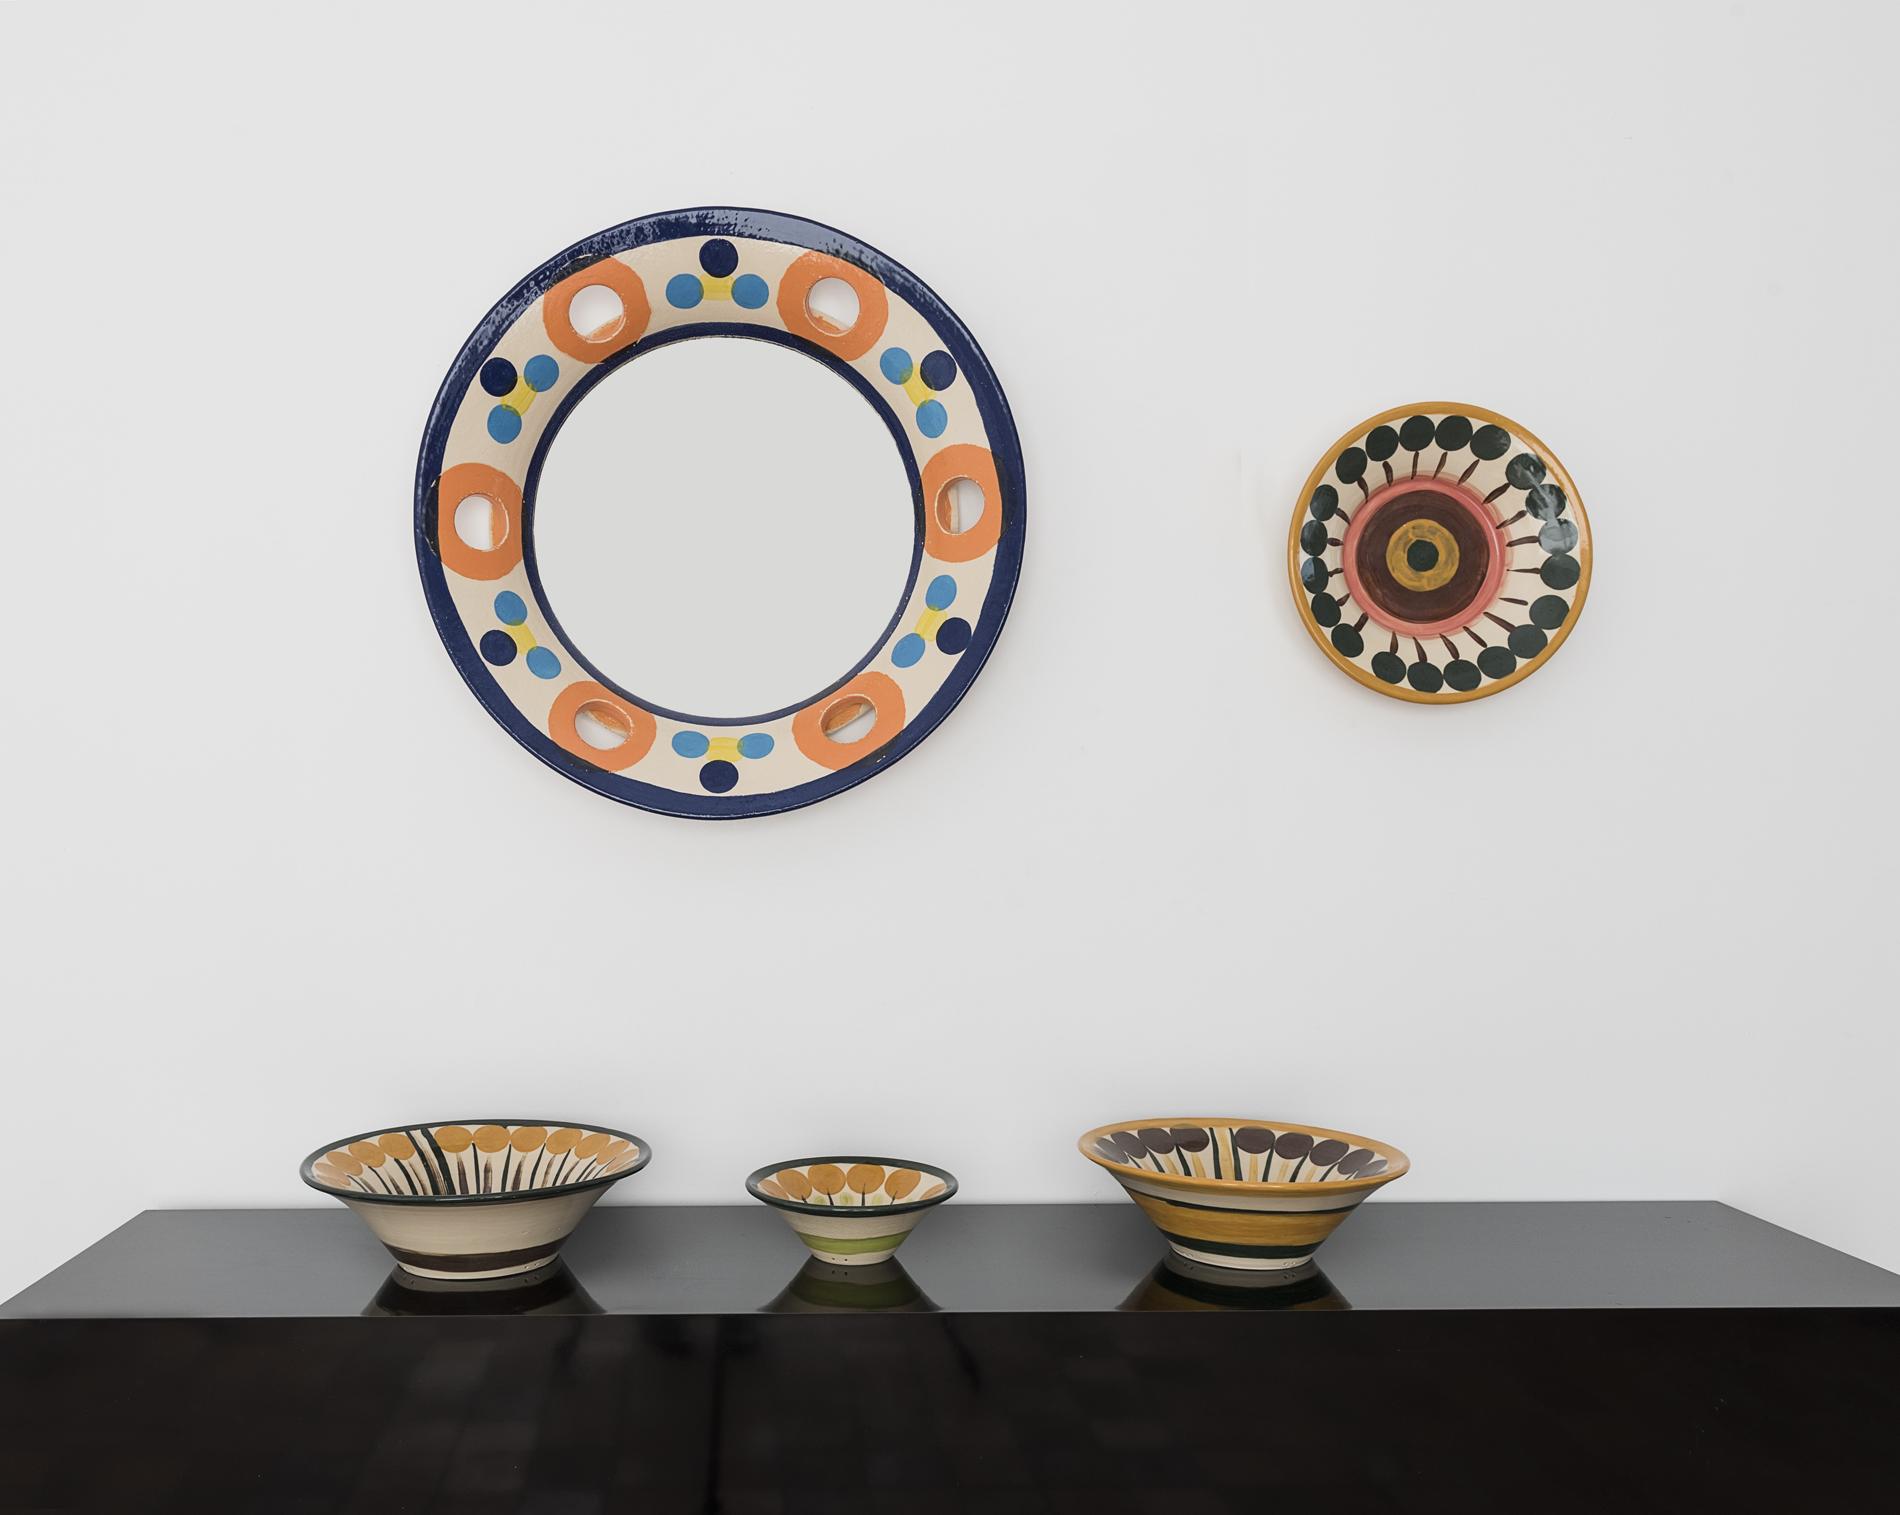 Yvette Lardinois, spiegel, schalen, 2018